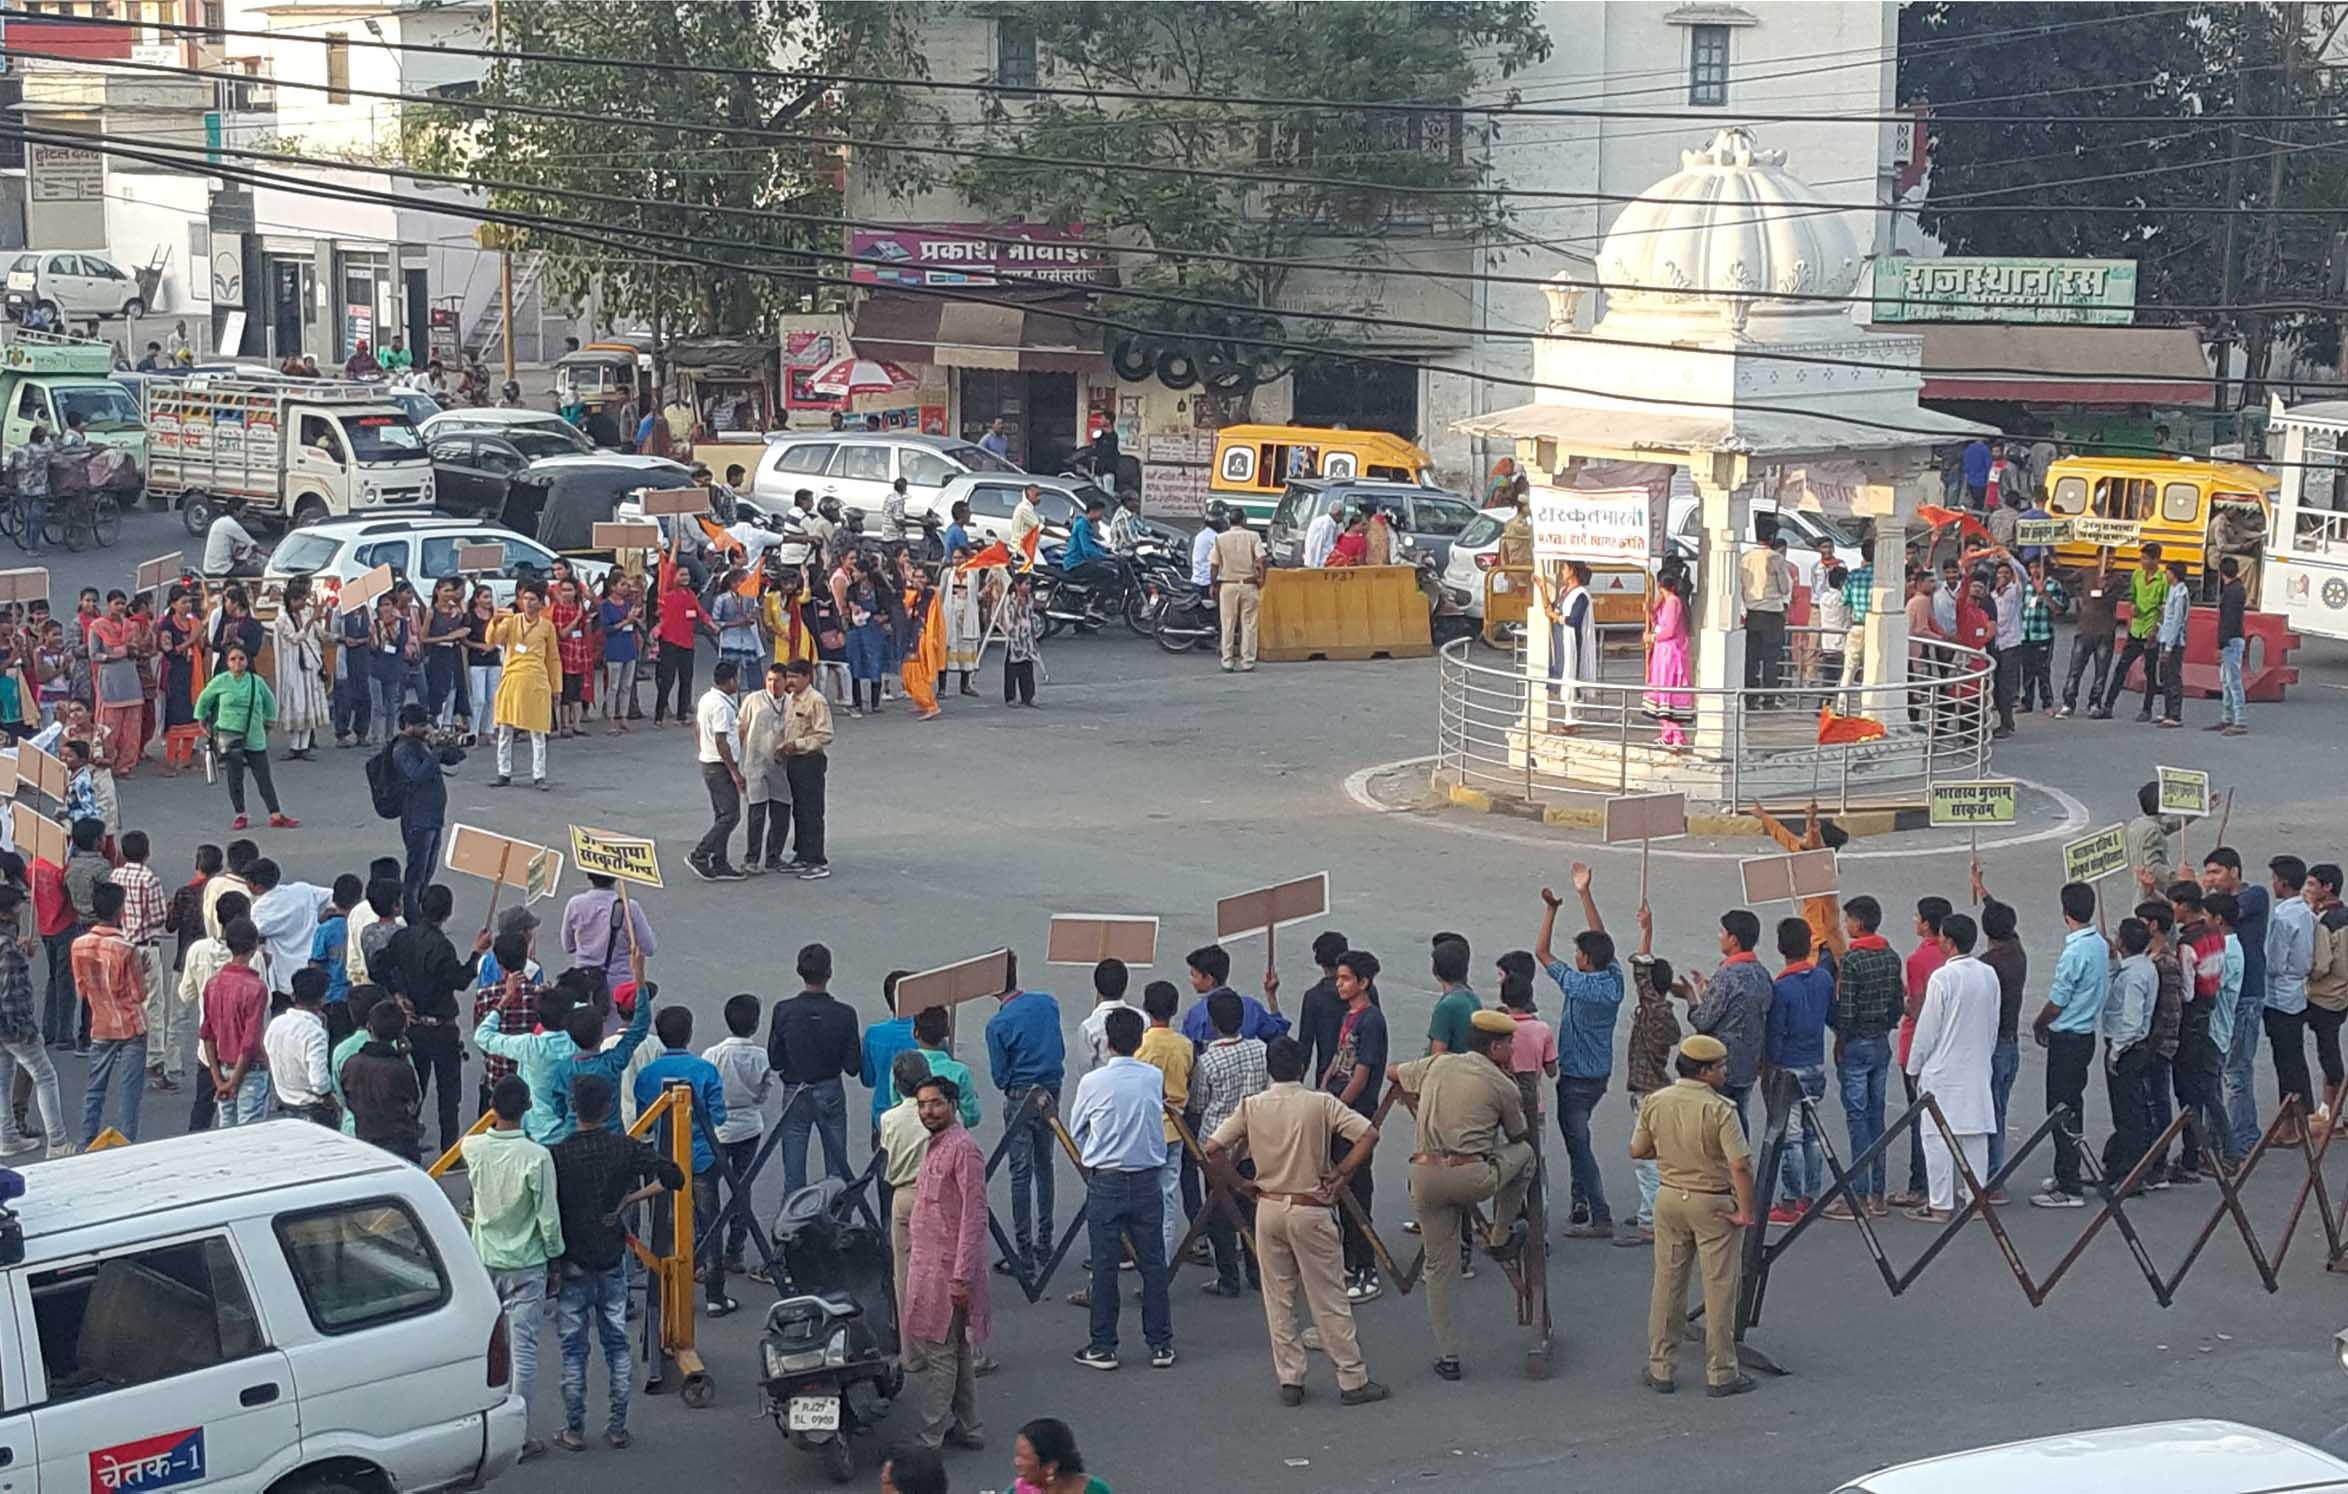 संस्कृत के उद्घोषों से गूंजा शहर